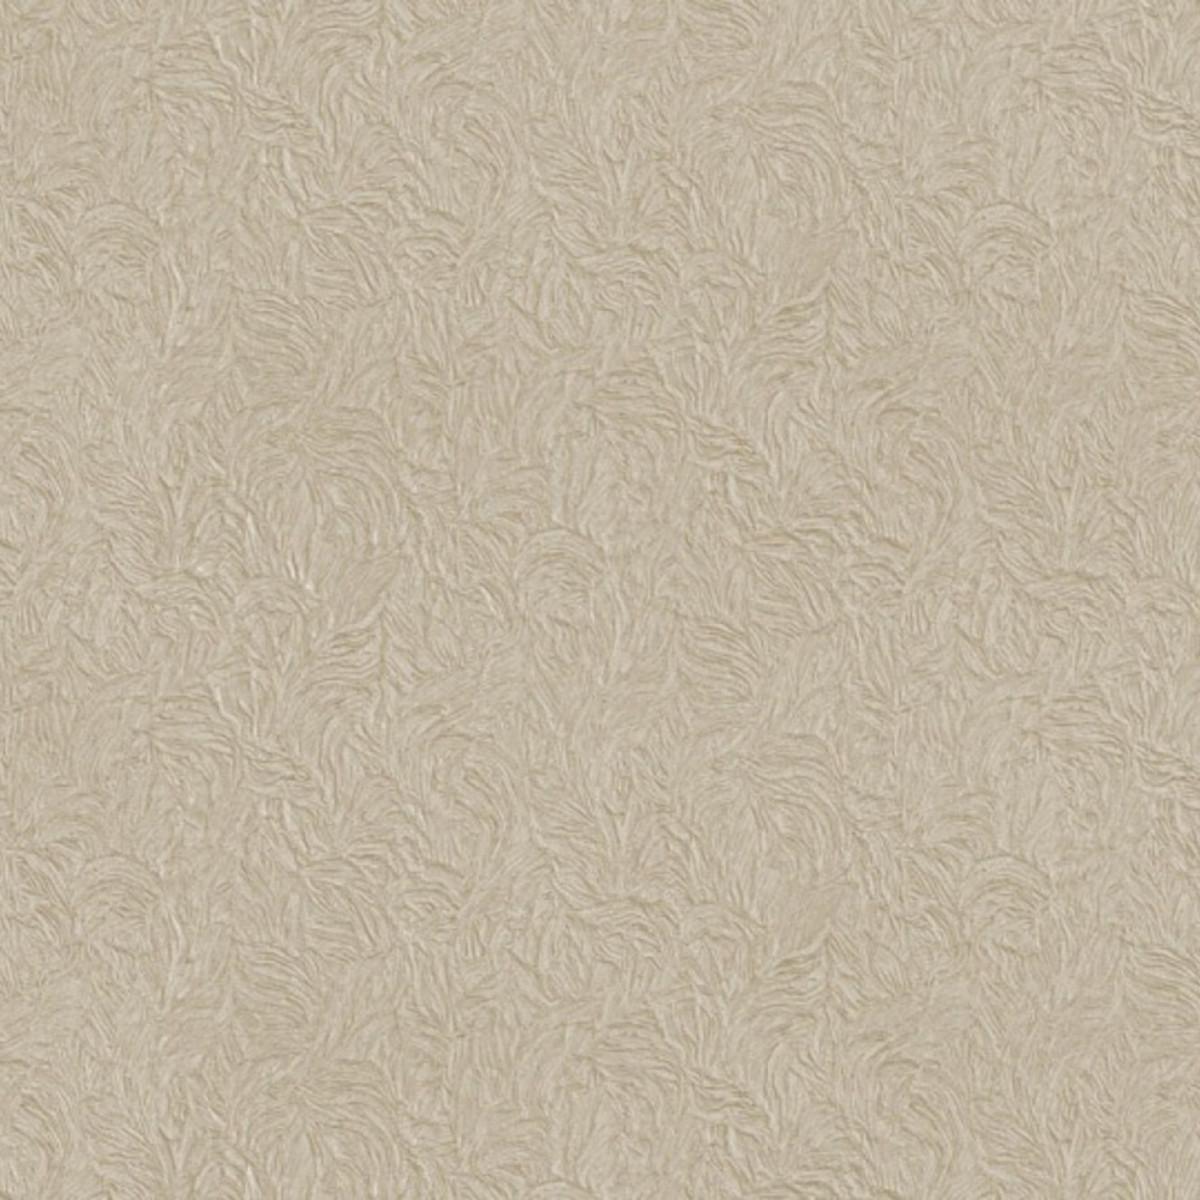 Обои флизелиновые Murella белые 1.06 м 41146